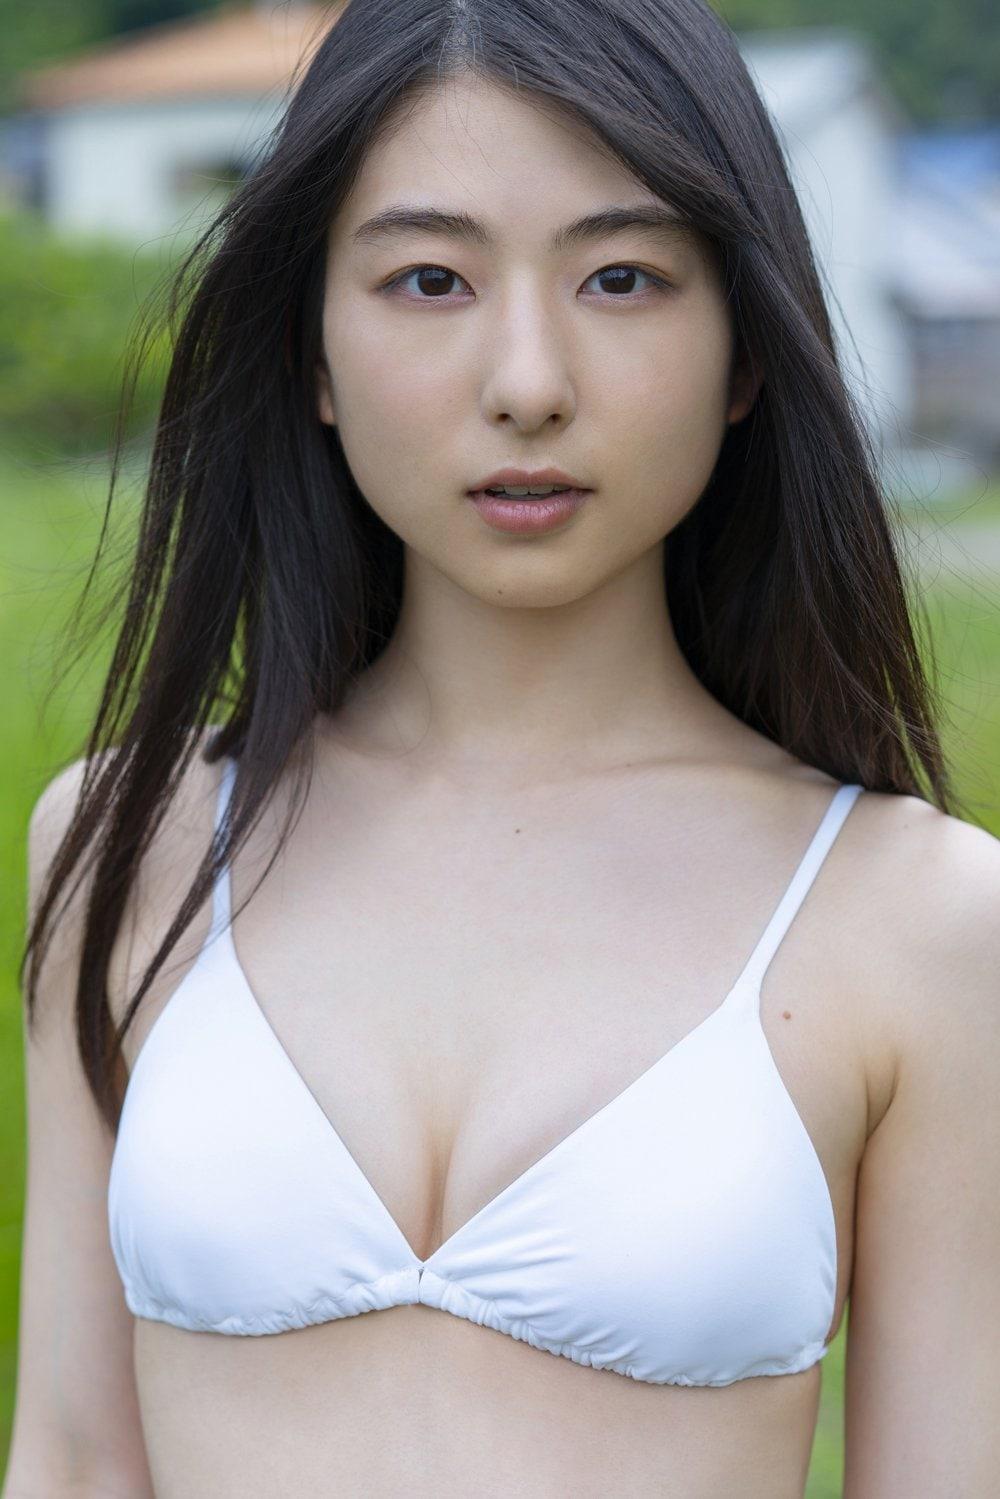 『べしゃり暮らし』出演の女優・川村海乃、人生初のビキニ姿をお披露目!【写真4枚】の画像001